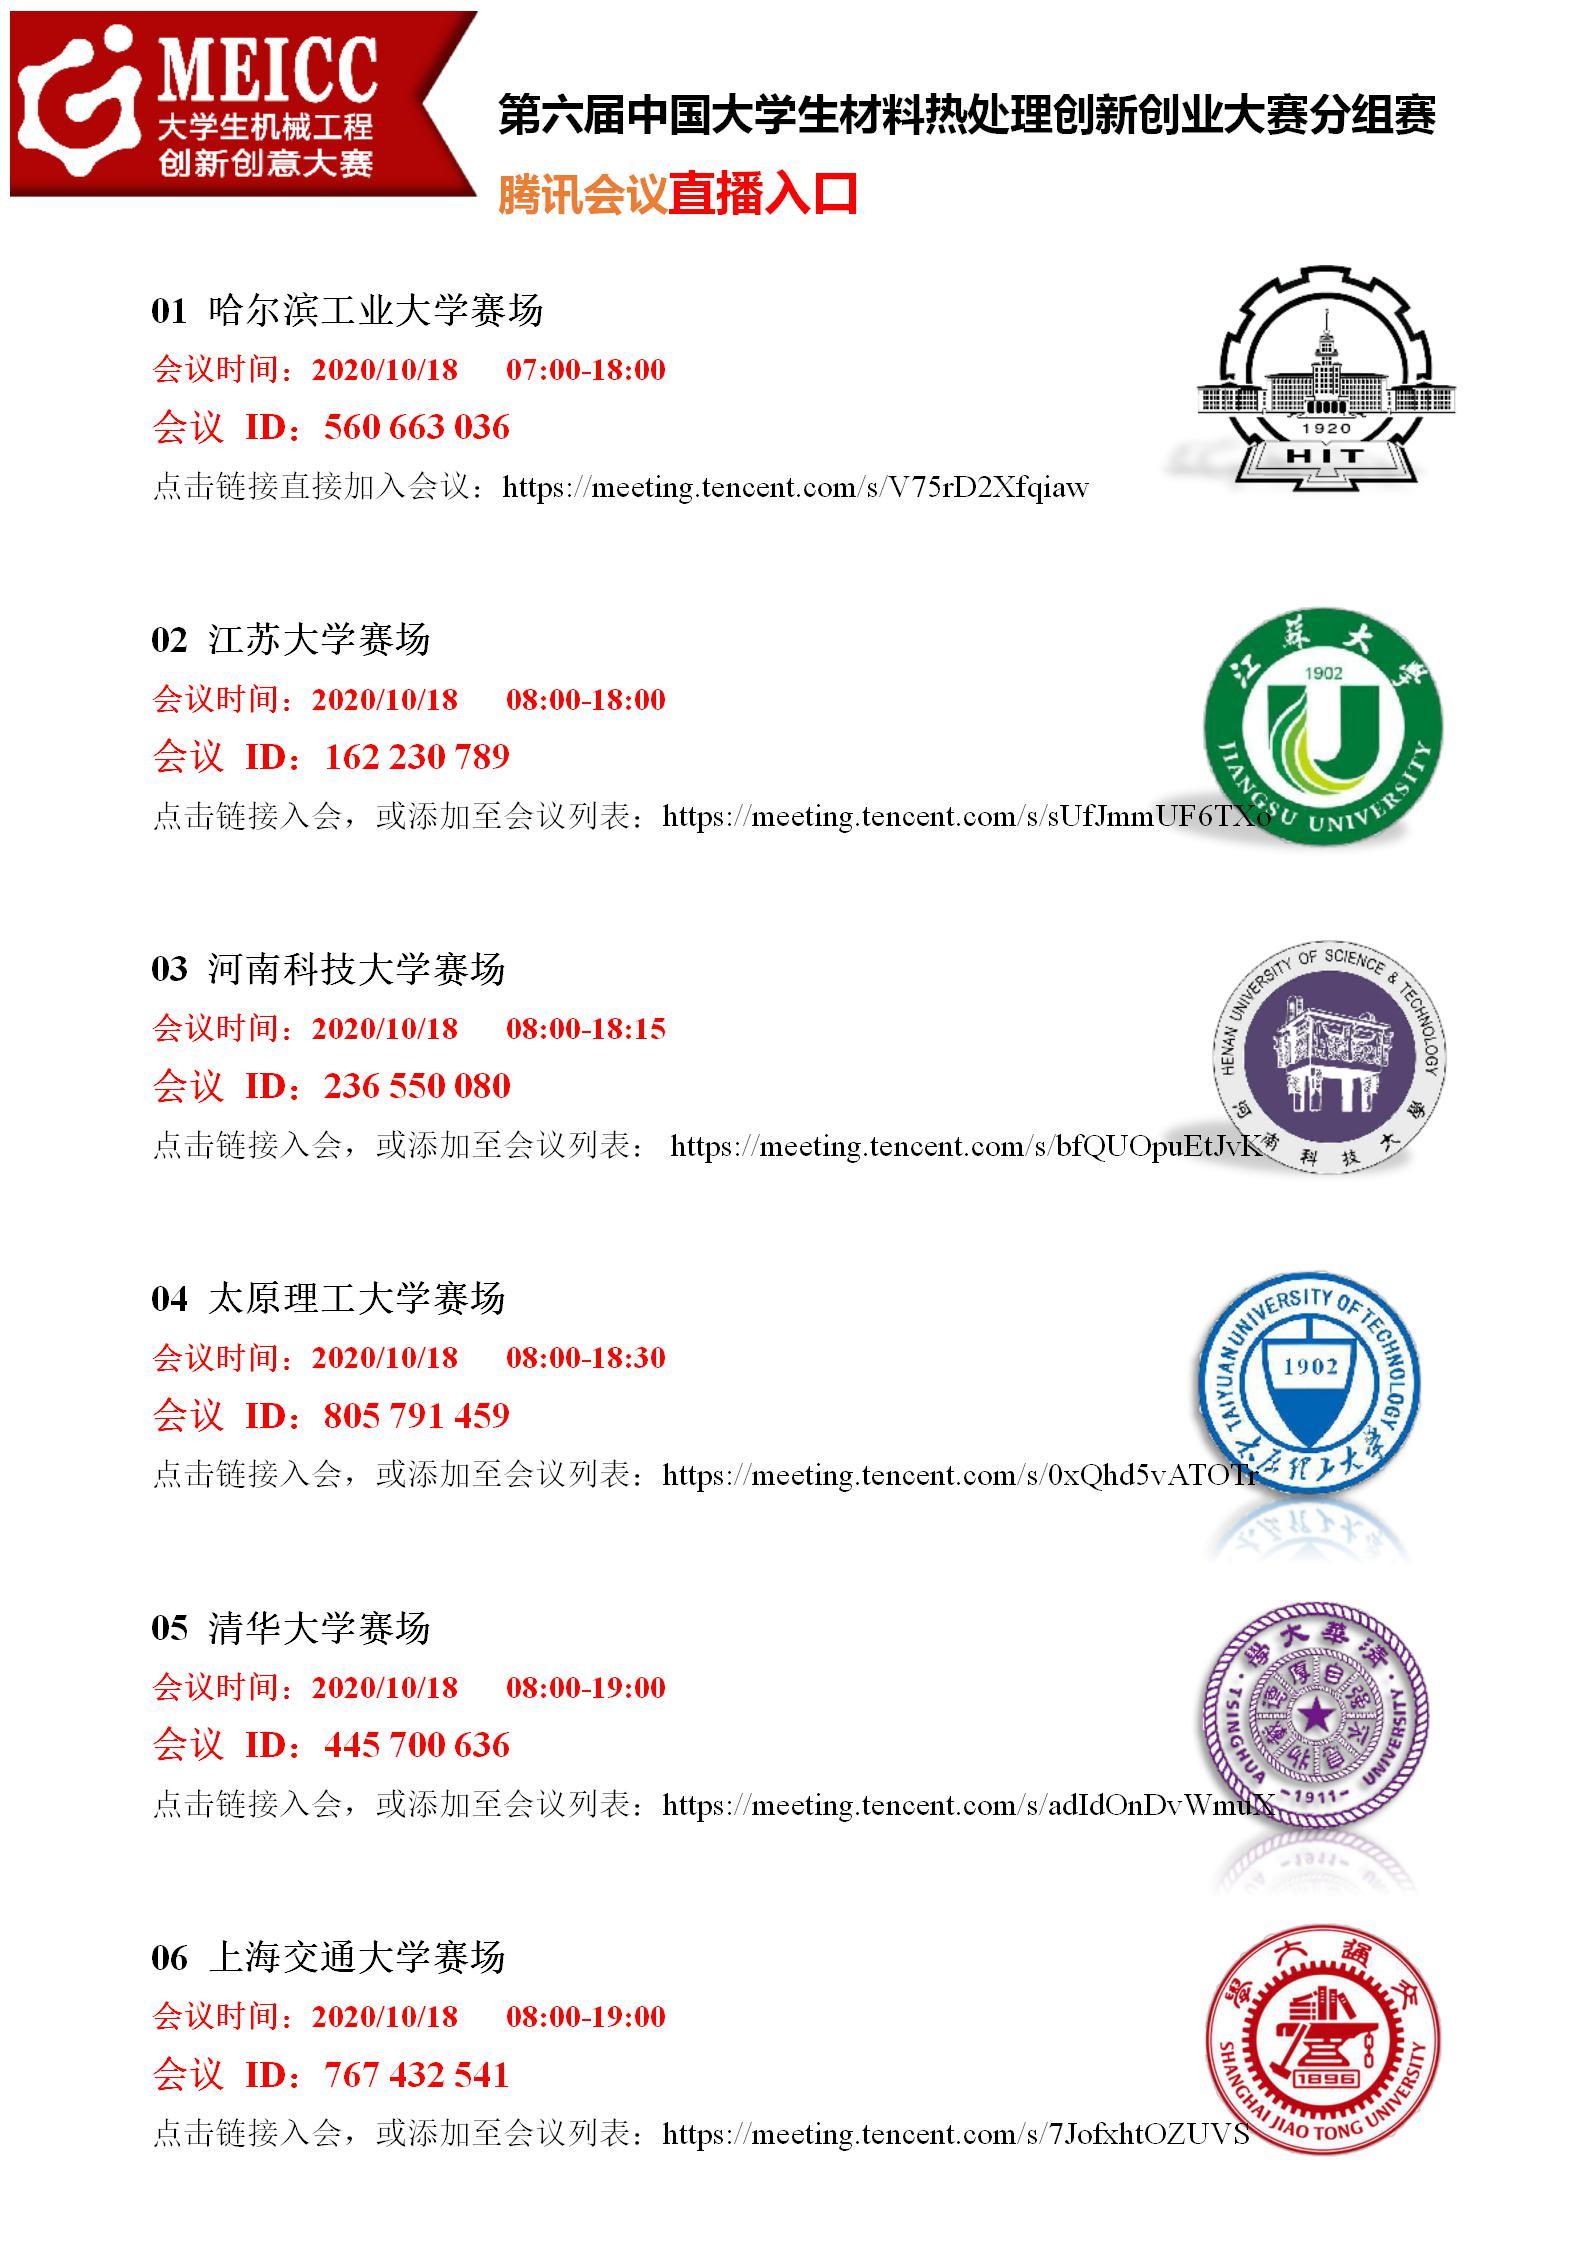 第六届中国大学生材料热处理创新创业大赛分组赛-直播入口(10月18日)_01.jpg